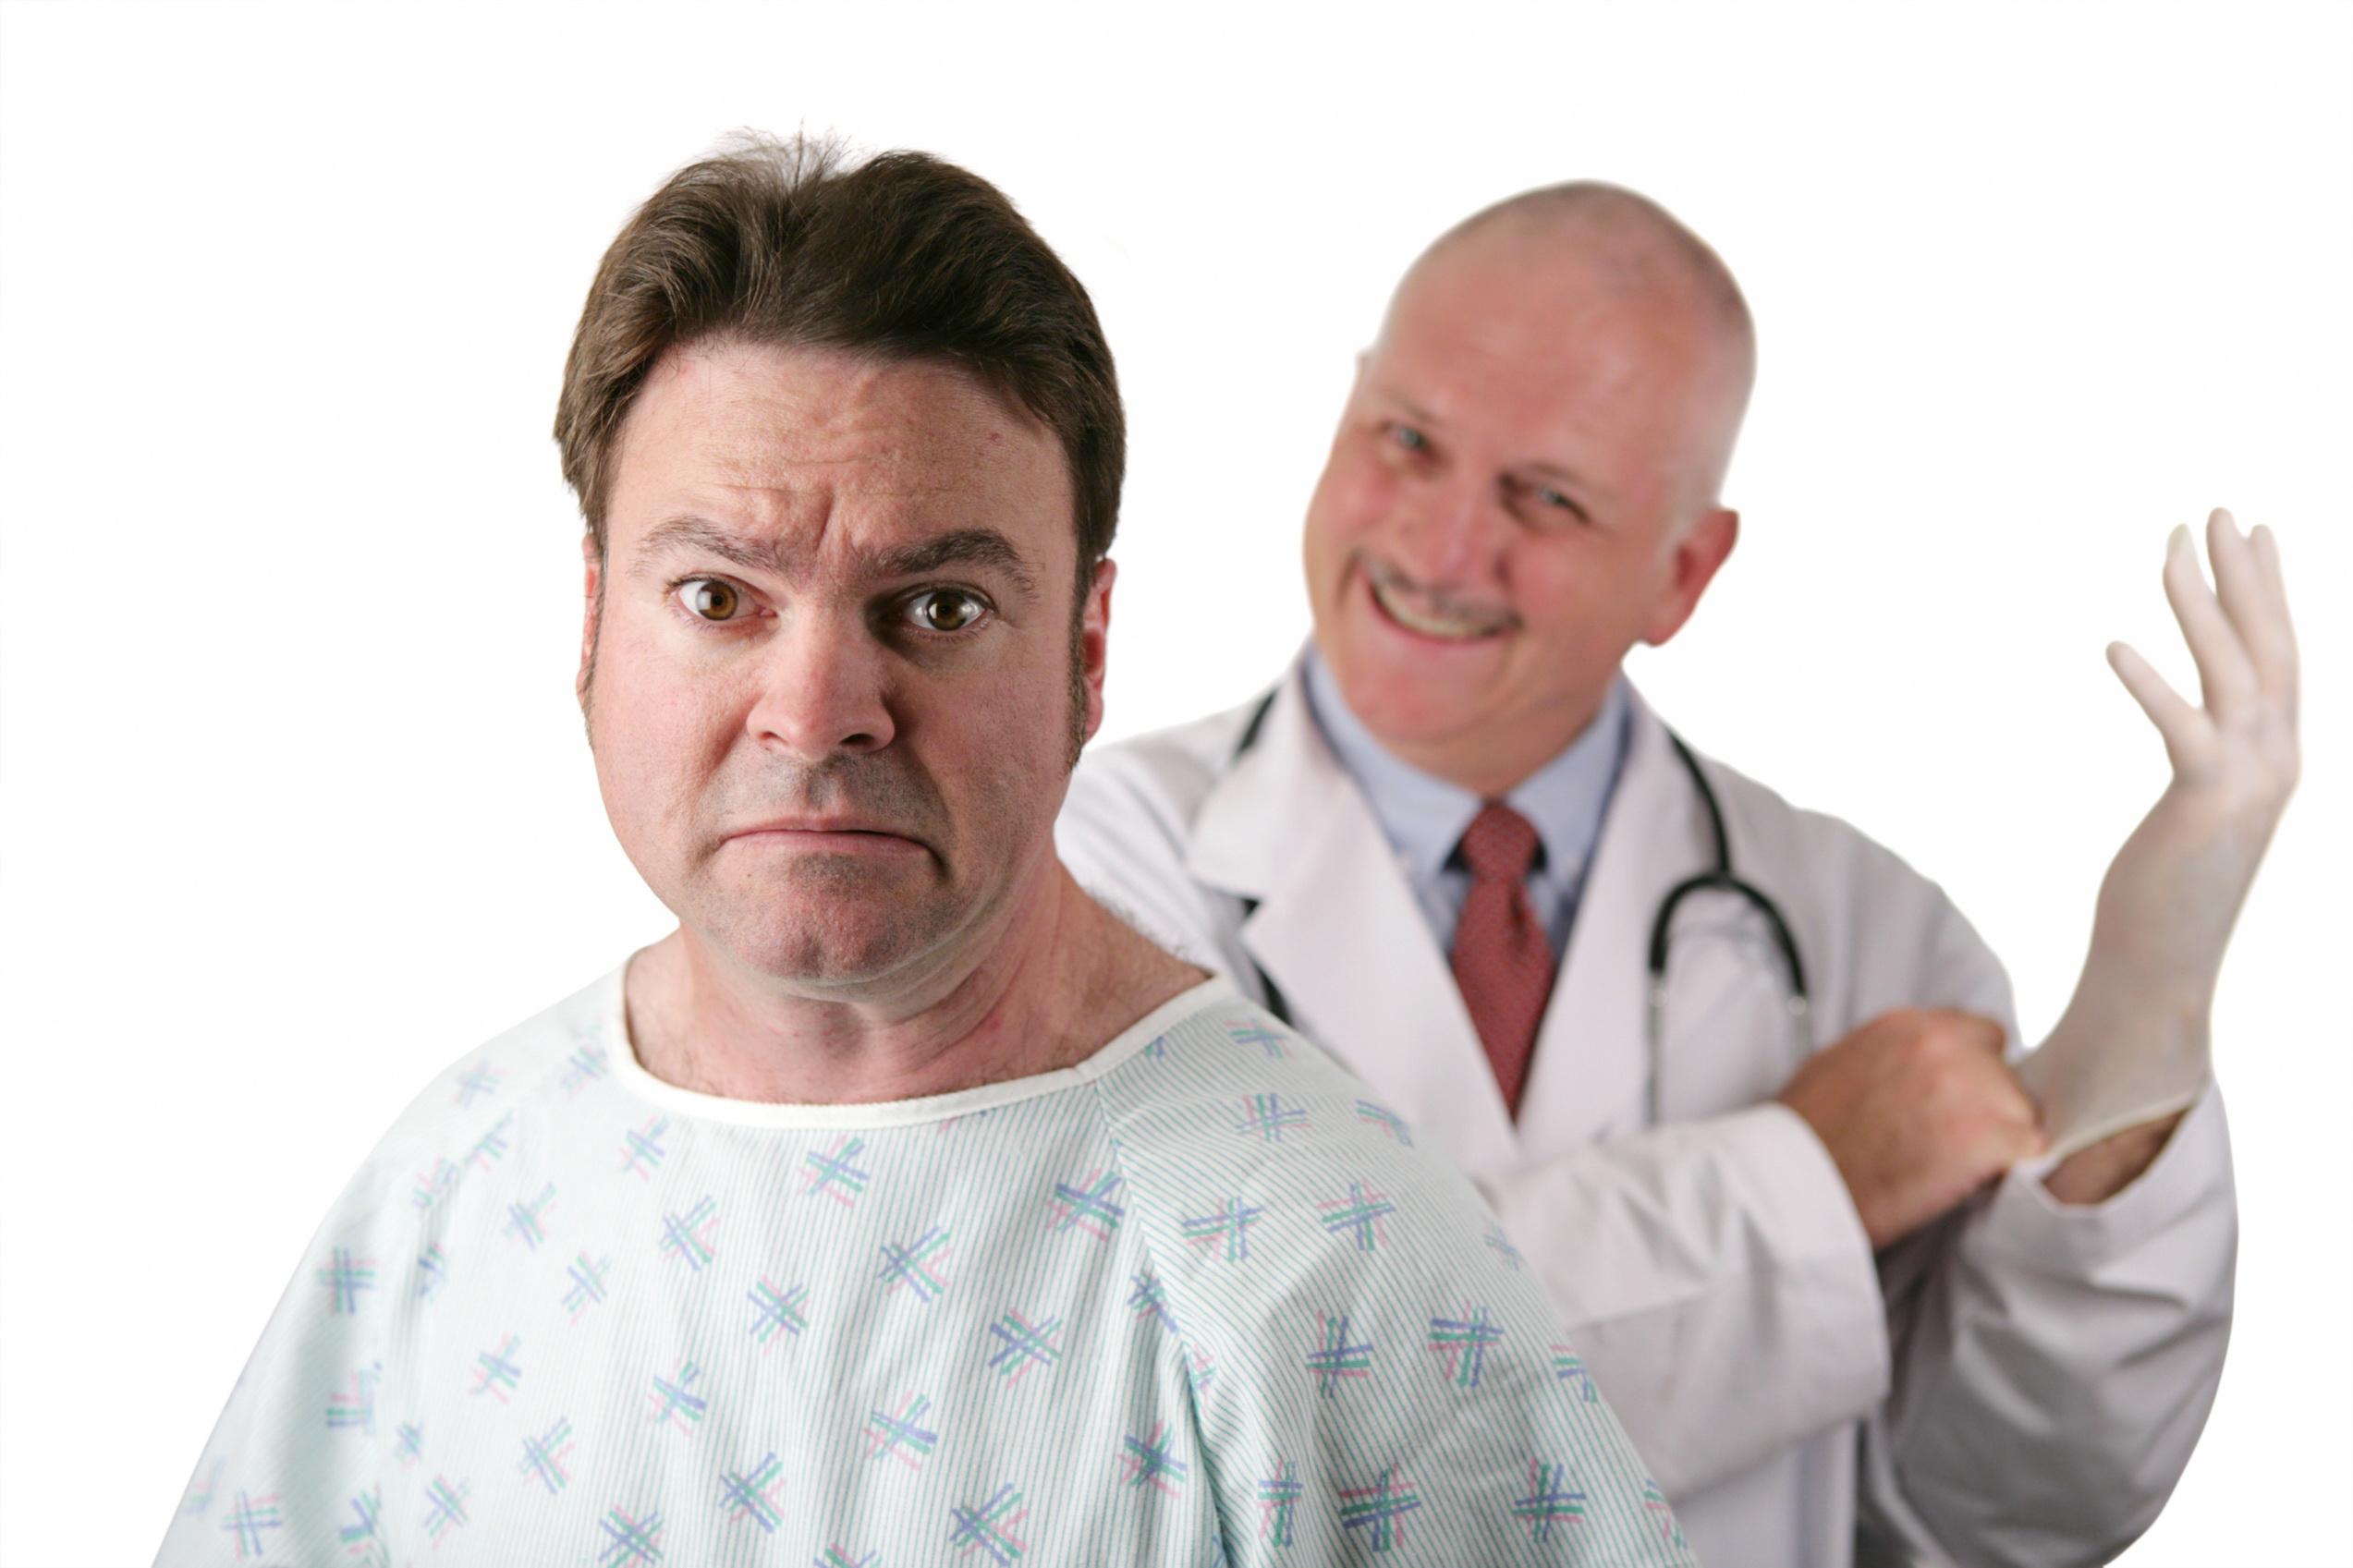 аноргазмия Как оргазм лечение Фригидность получить